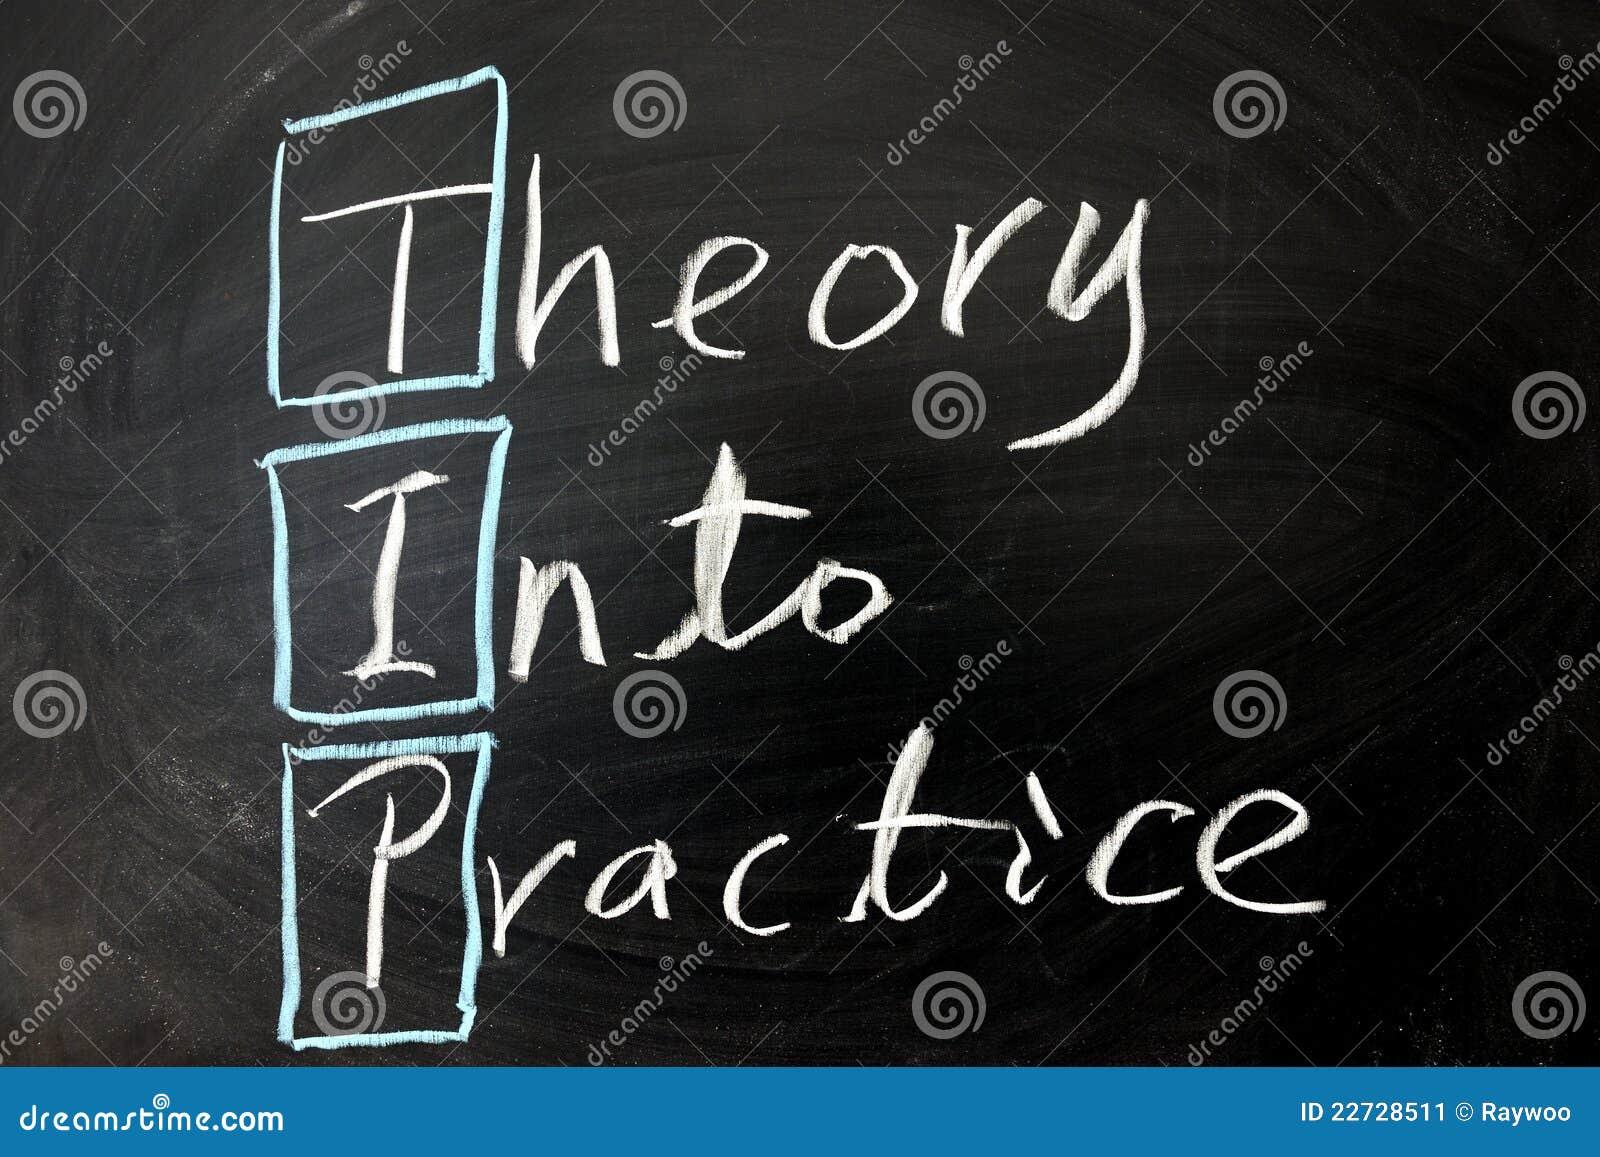 Teoría en práctica